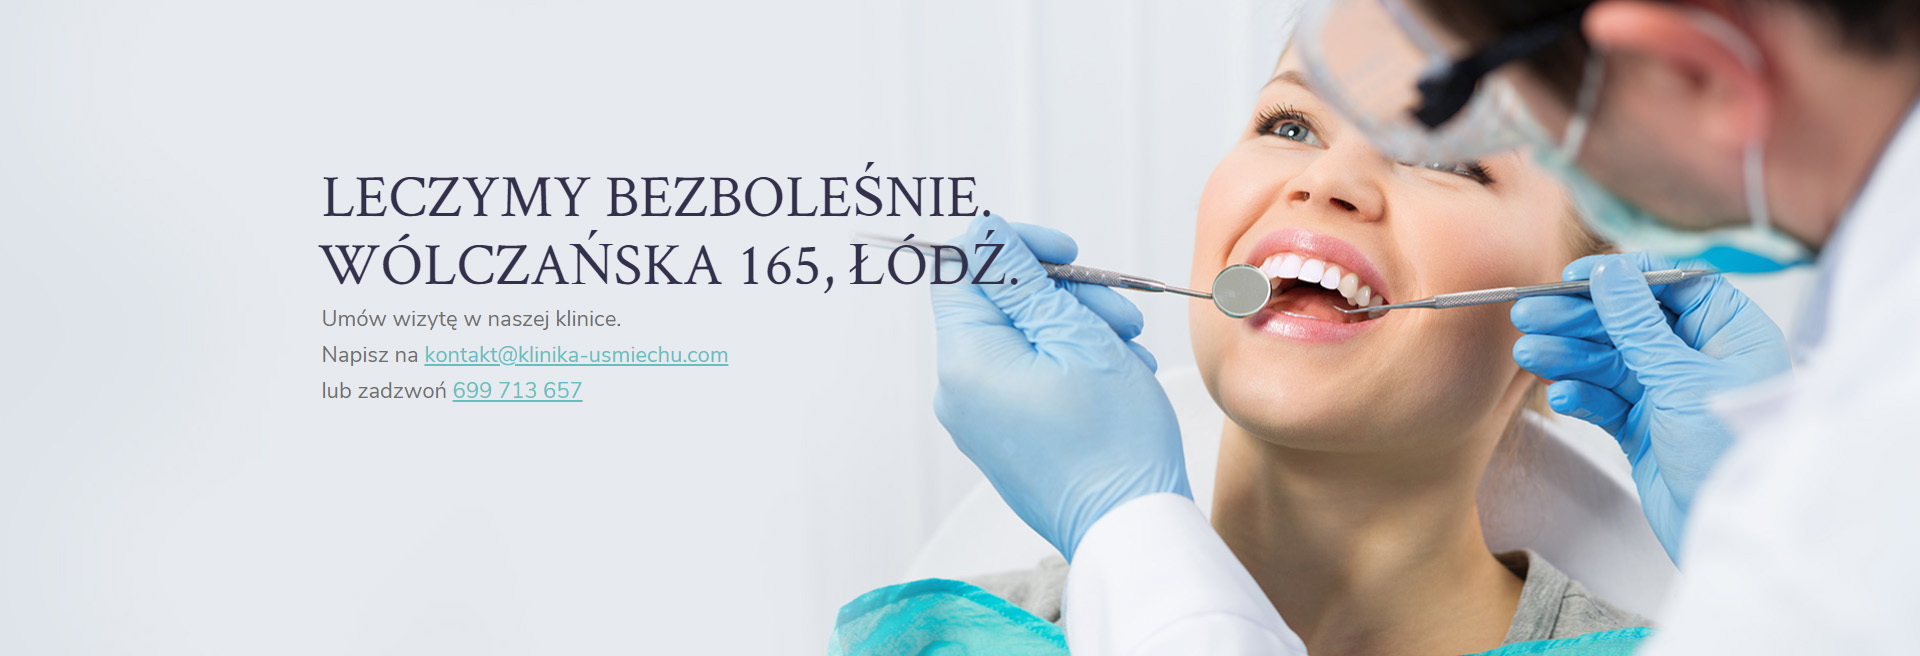 Kontakt do klinika-usmiechu.com